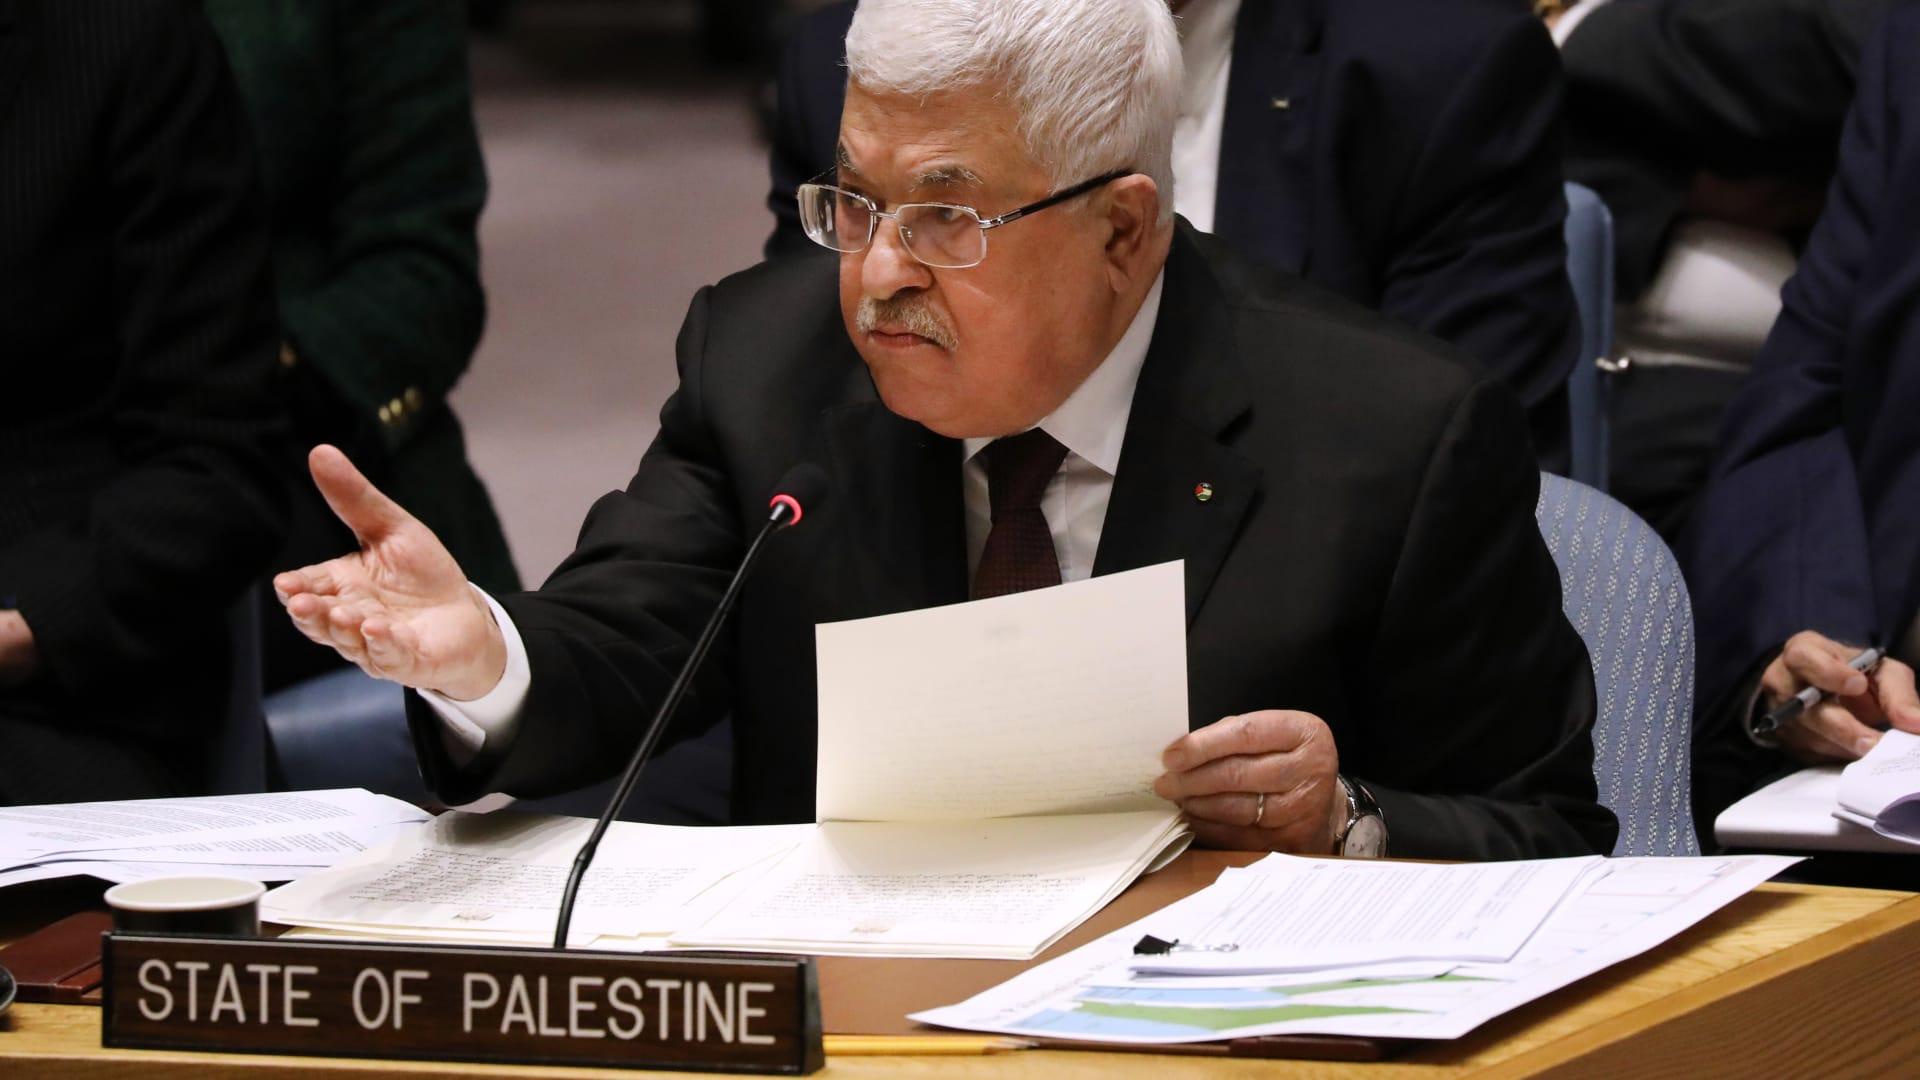 السلطة الفلسطينية تستدعي سفيرها بالبحرين بعد اتفاق السلام بين المملكة وإسرائيل